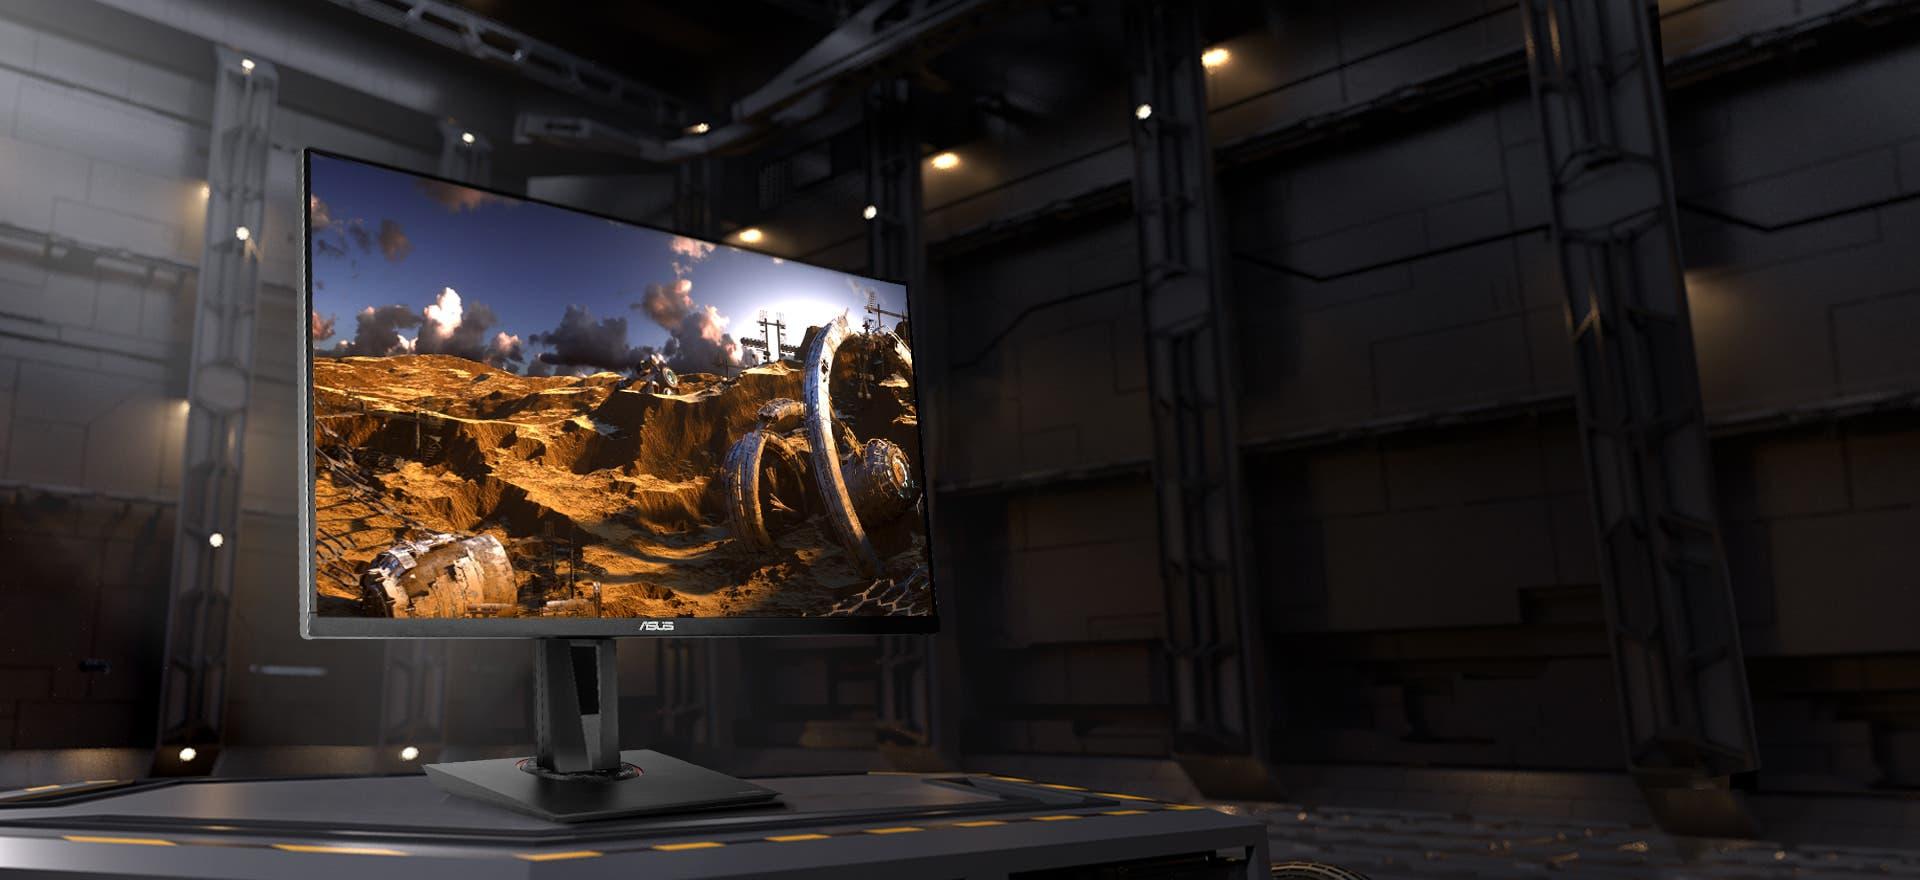 mejores monitores para jugar en Xbox Series X